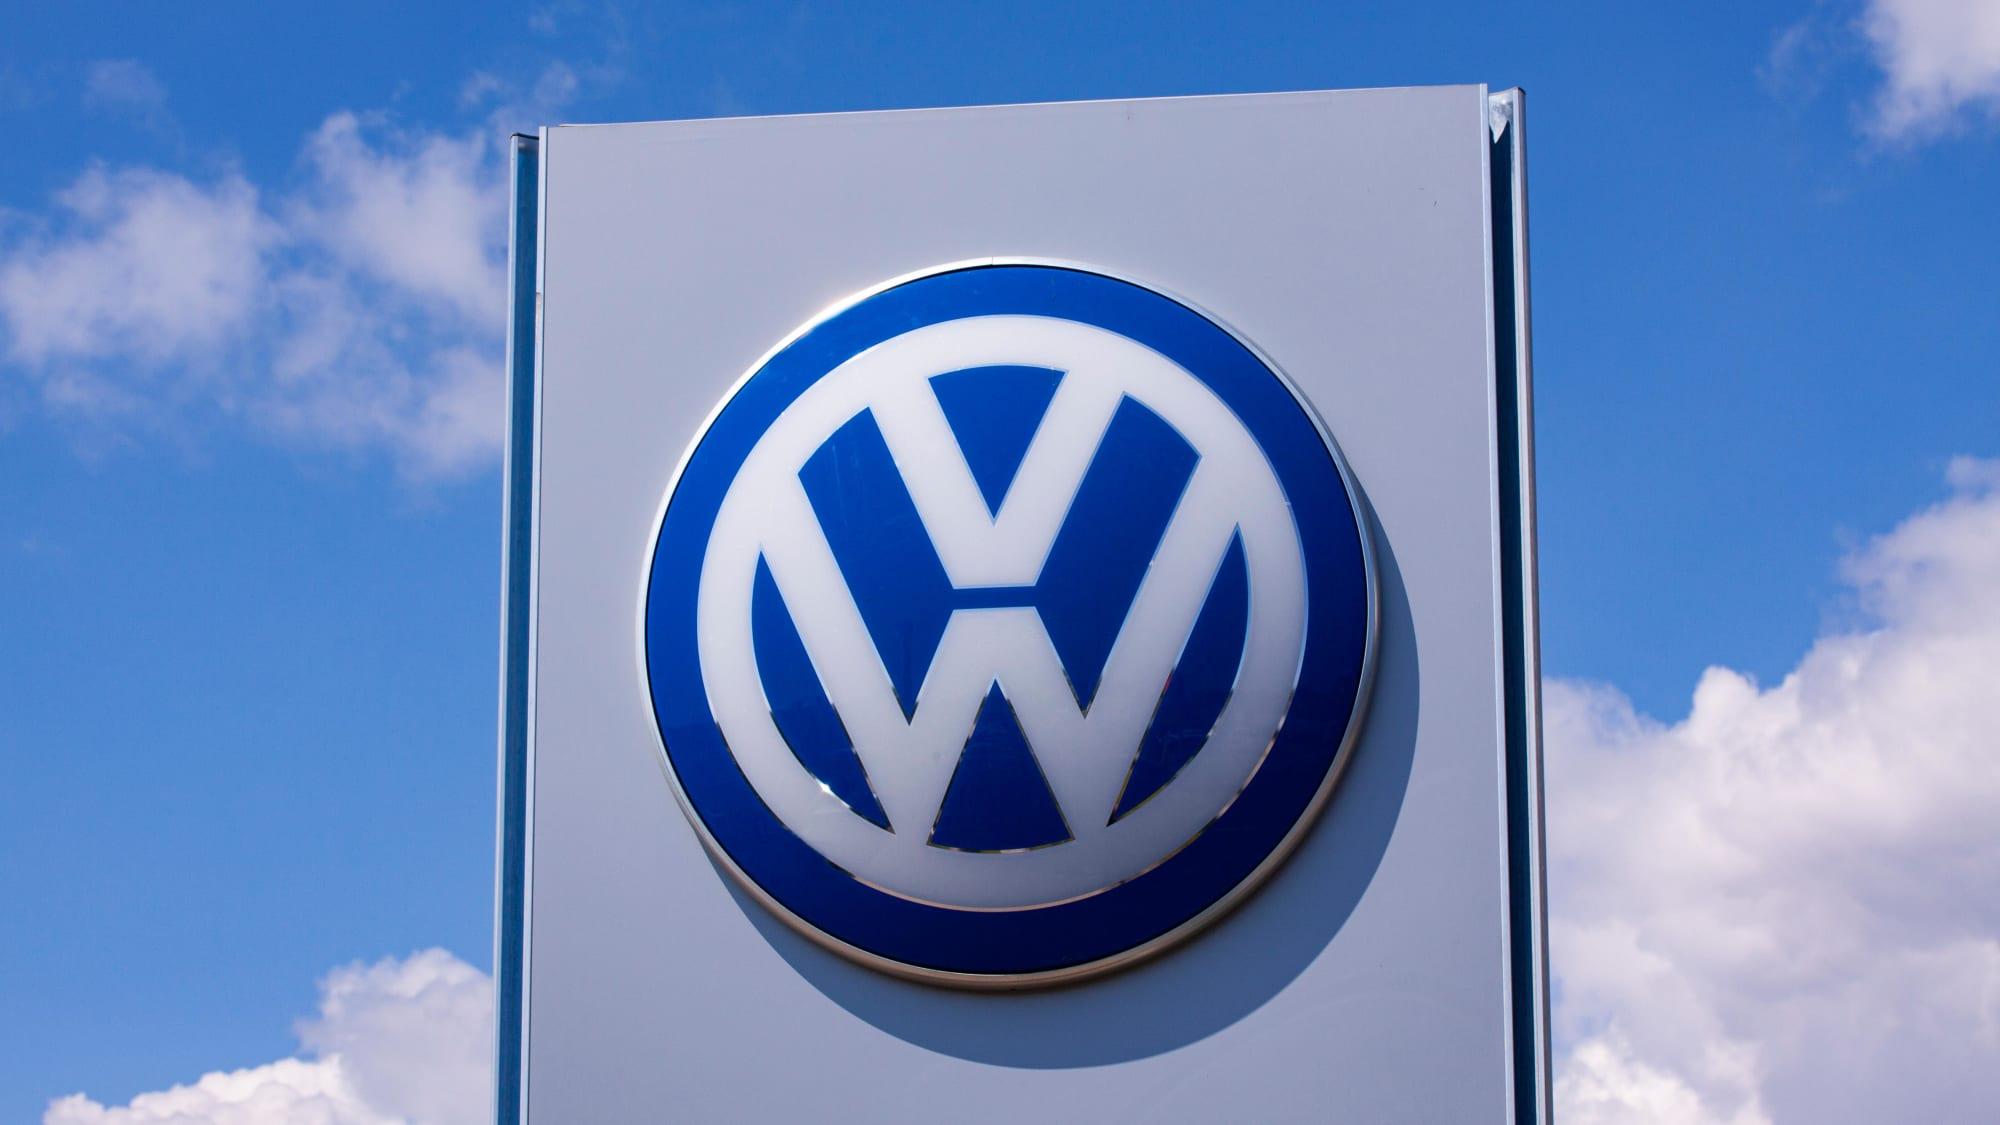 Das Logo von Volkswagen vor blauem Himmel am werk in Wolfsburg